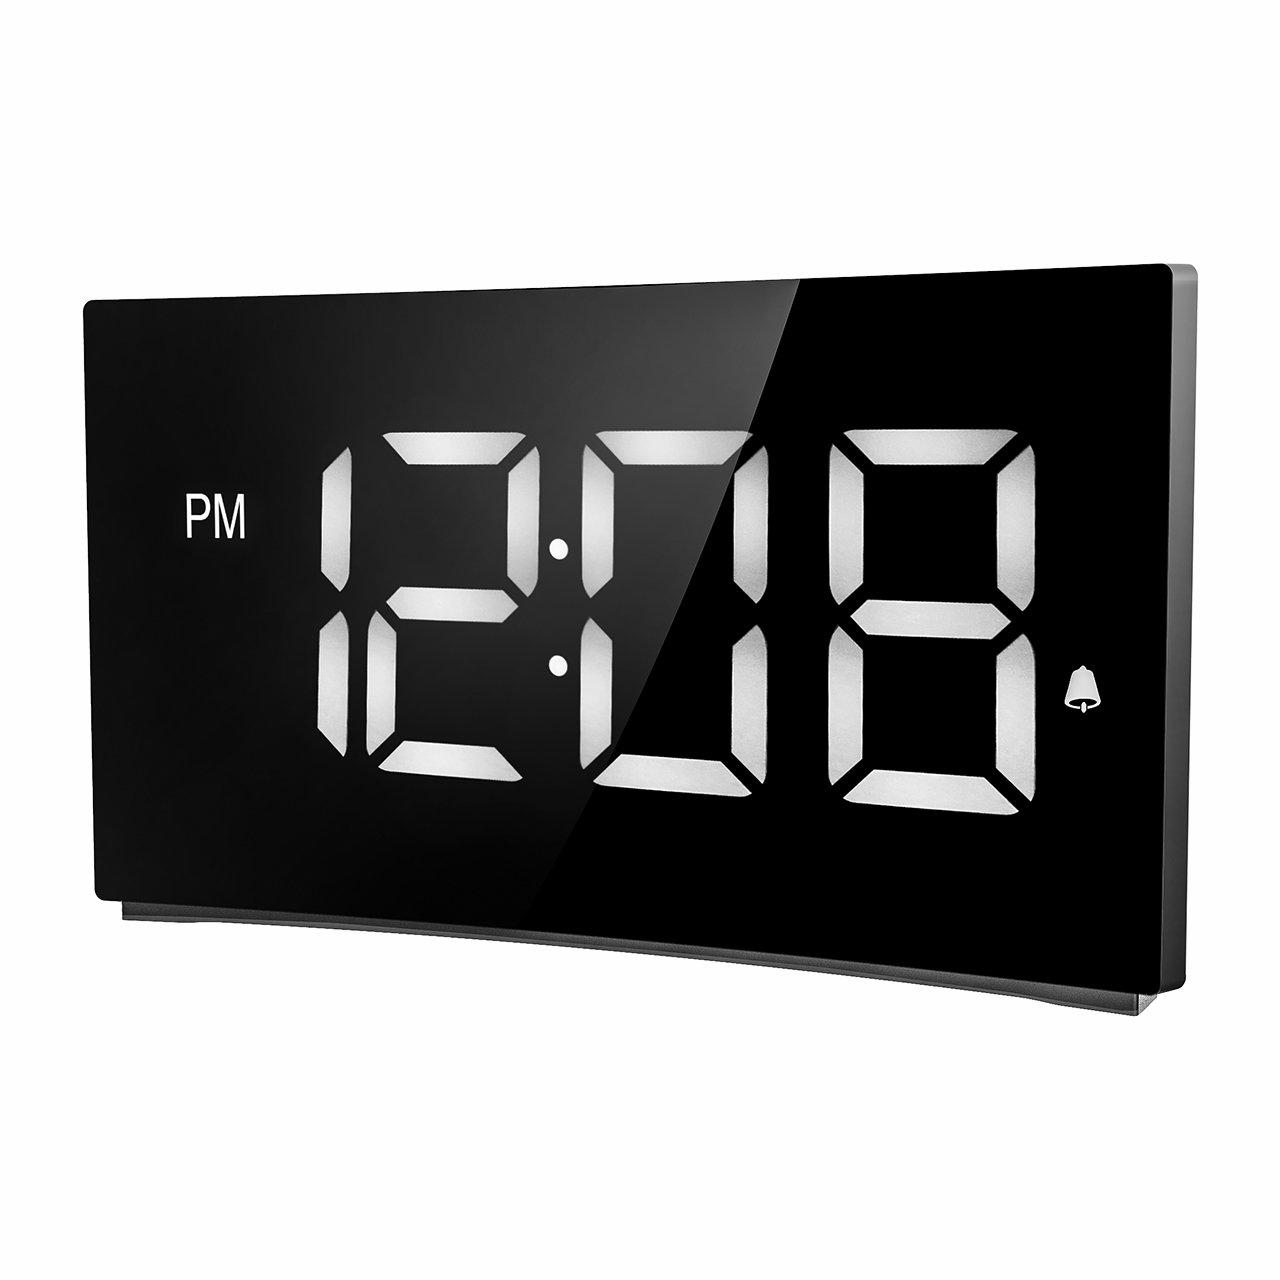 Holife Despertador Digital, [2018 Actualizado] Reloj Despertador Digital de Pantalla Curvada, con 3 Sonidos de Alarma, Fácil de Operacion, Función Snooze ...